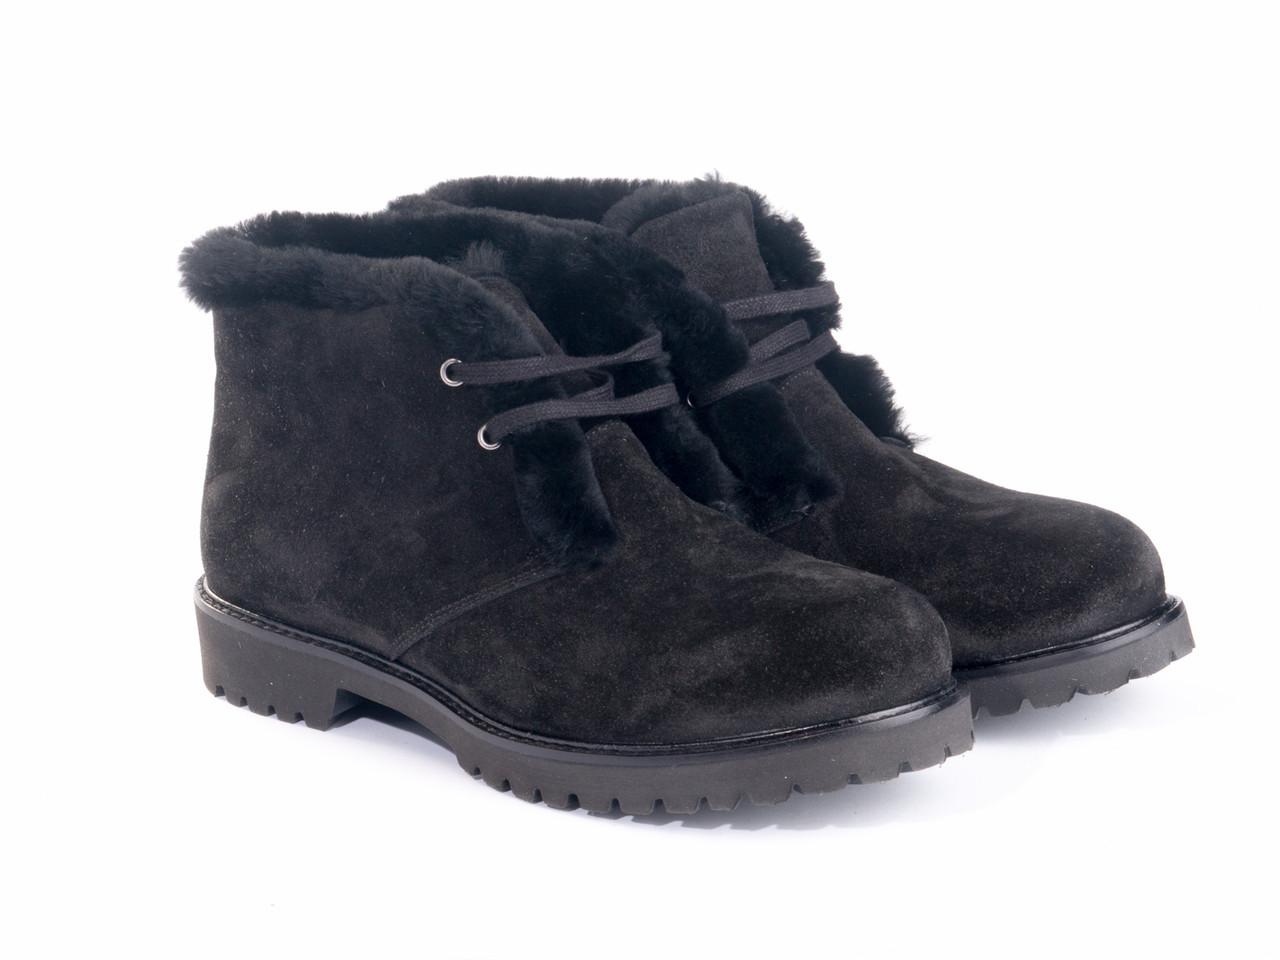 Ботинки Etor 5652-2298 36 черные